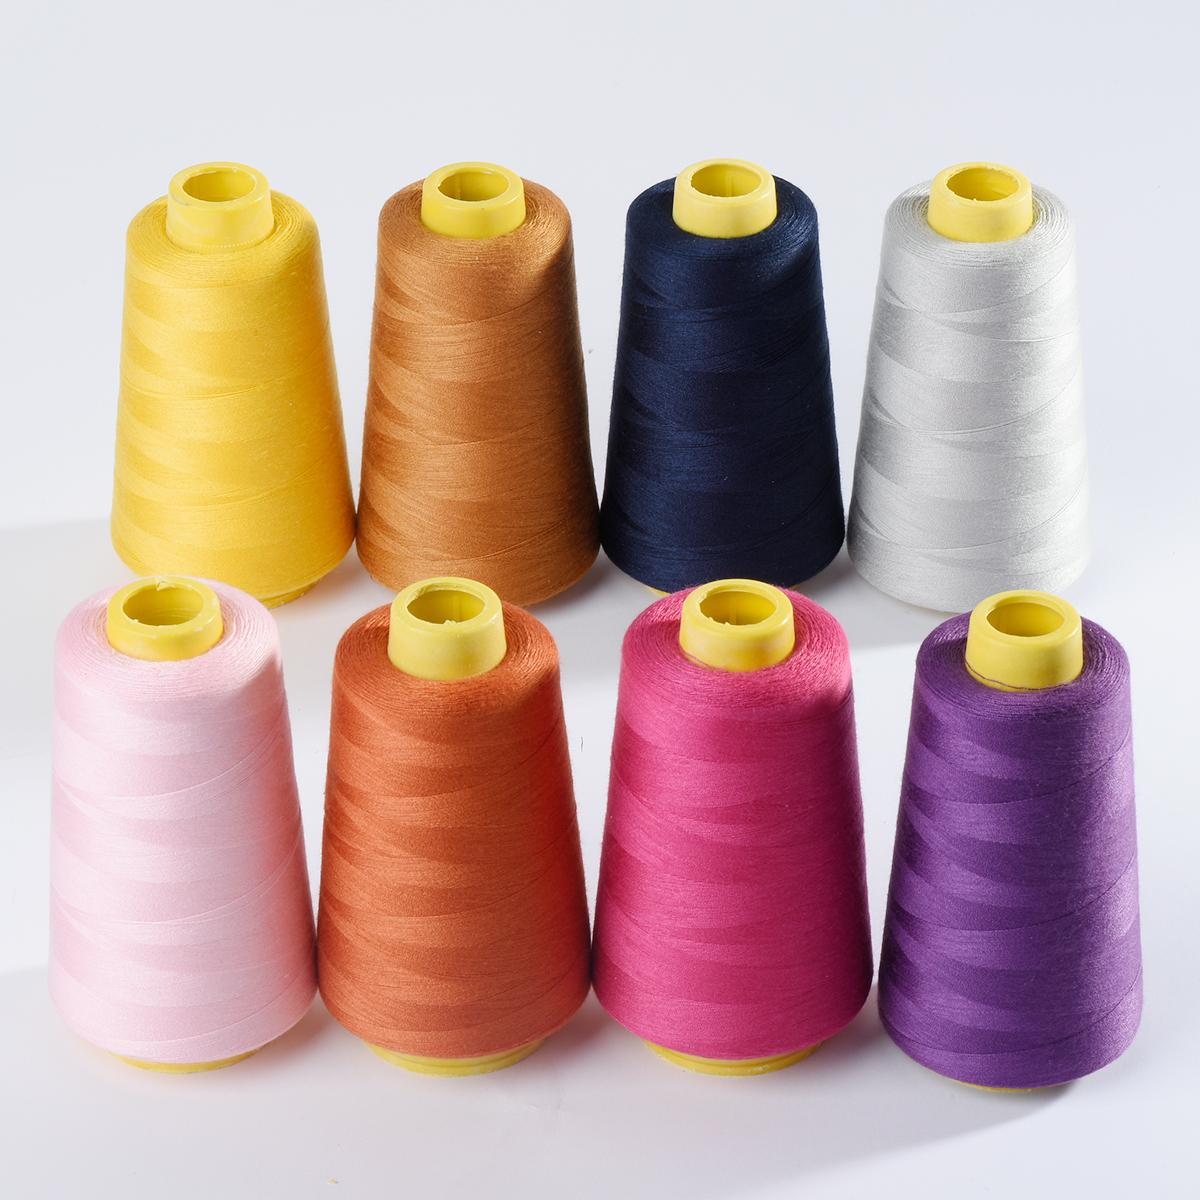 Китайская фабрика, 40/2 швейных ниток, допустимая Настройка